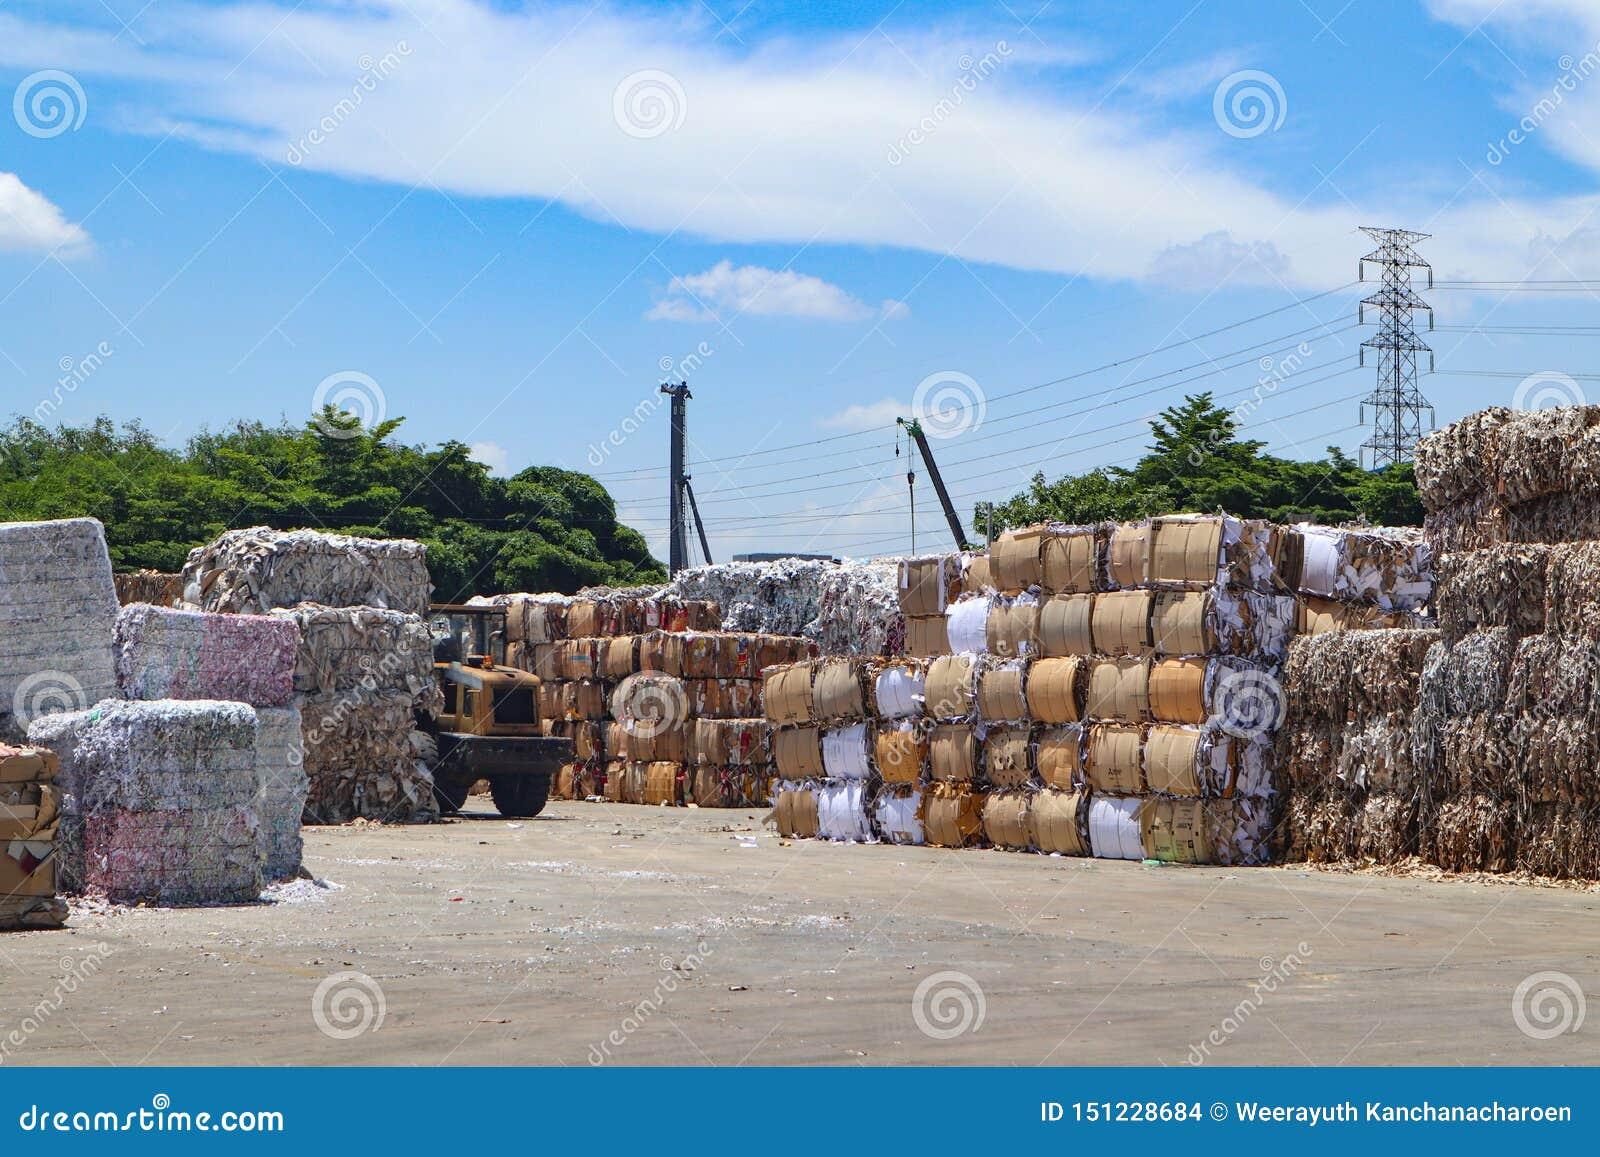 Recicle la basura de la basura y del papel de la cartulina de la industria después de clavar la máquina de embalaje hidráulica de